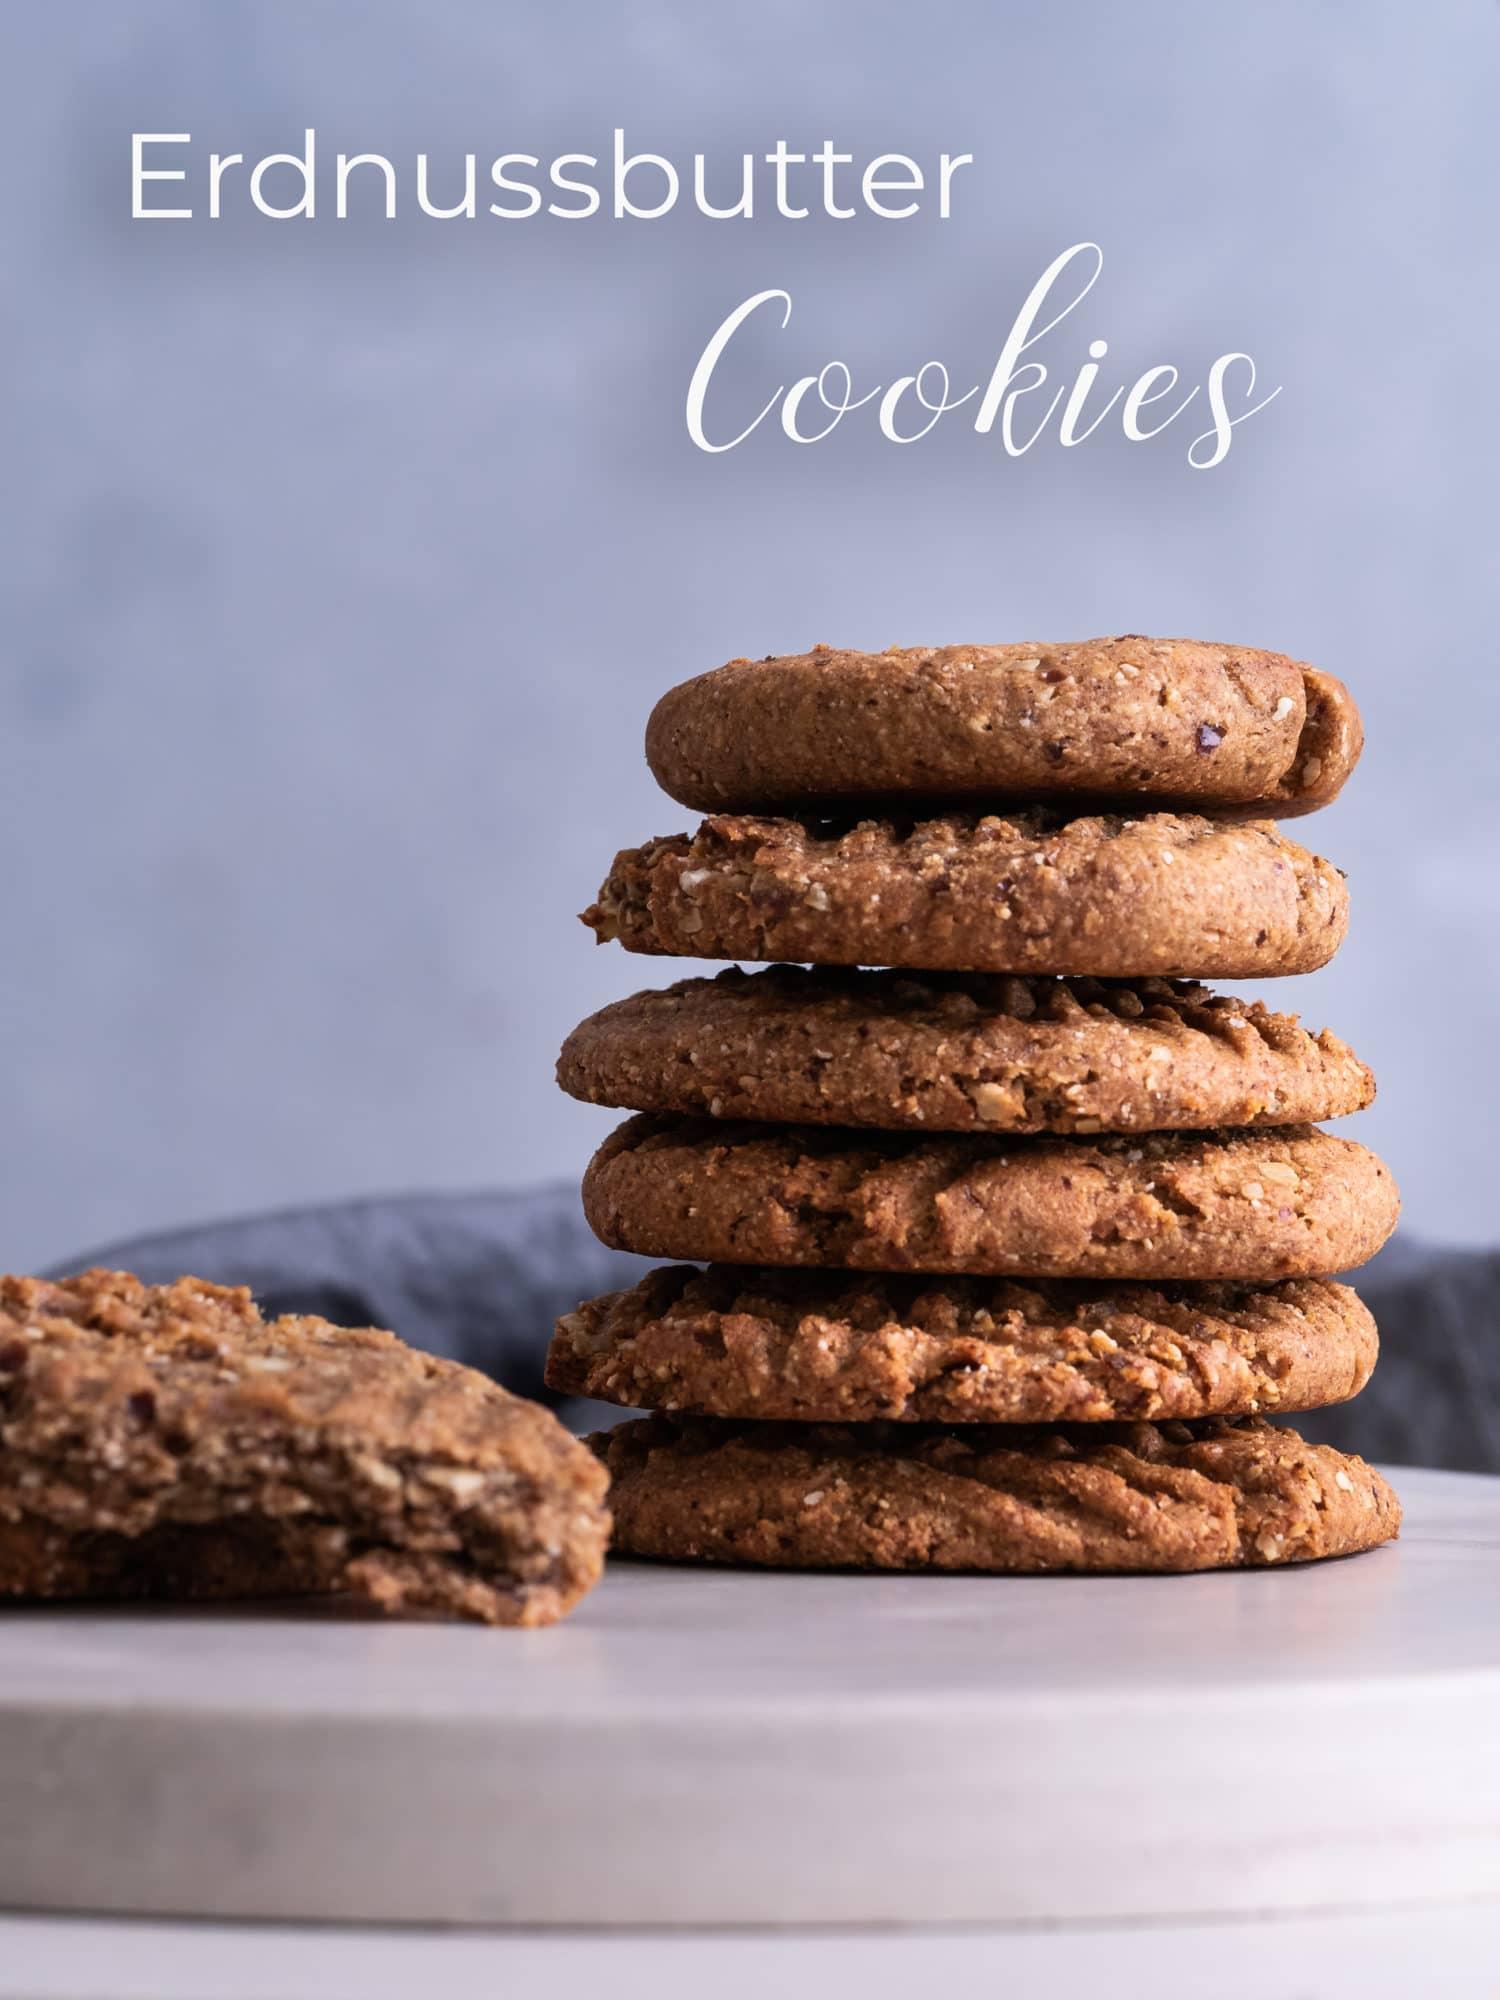 Kekse auf Teller mit schrift